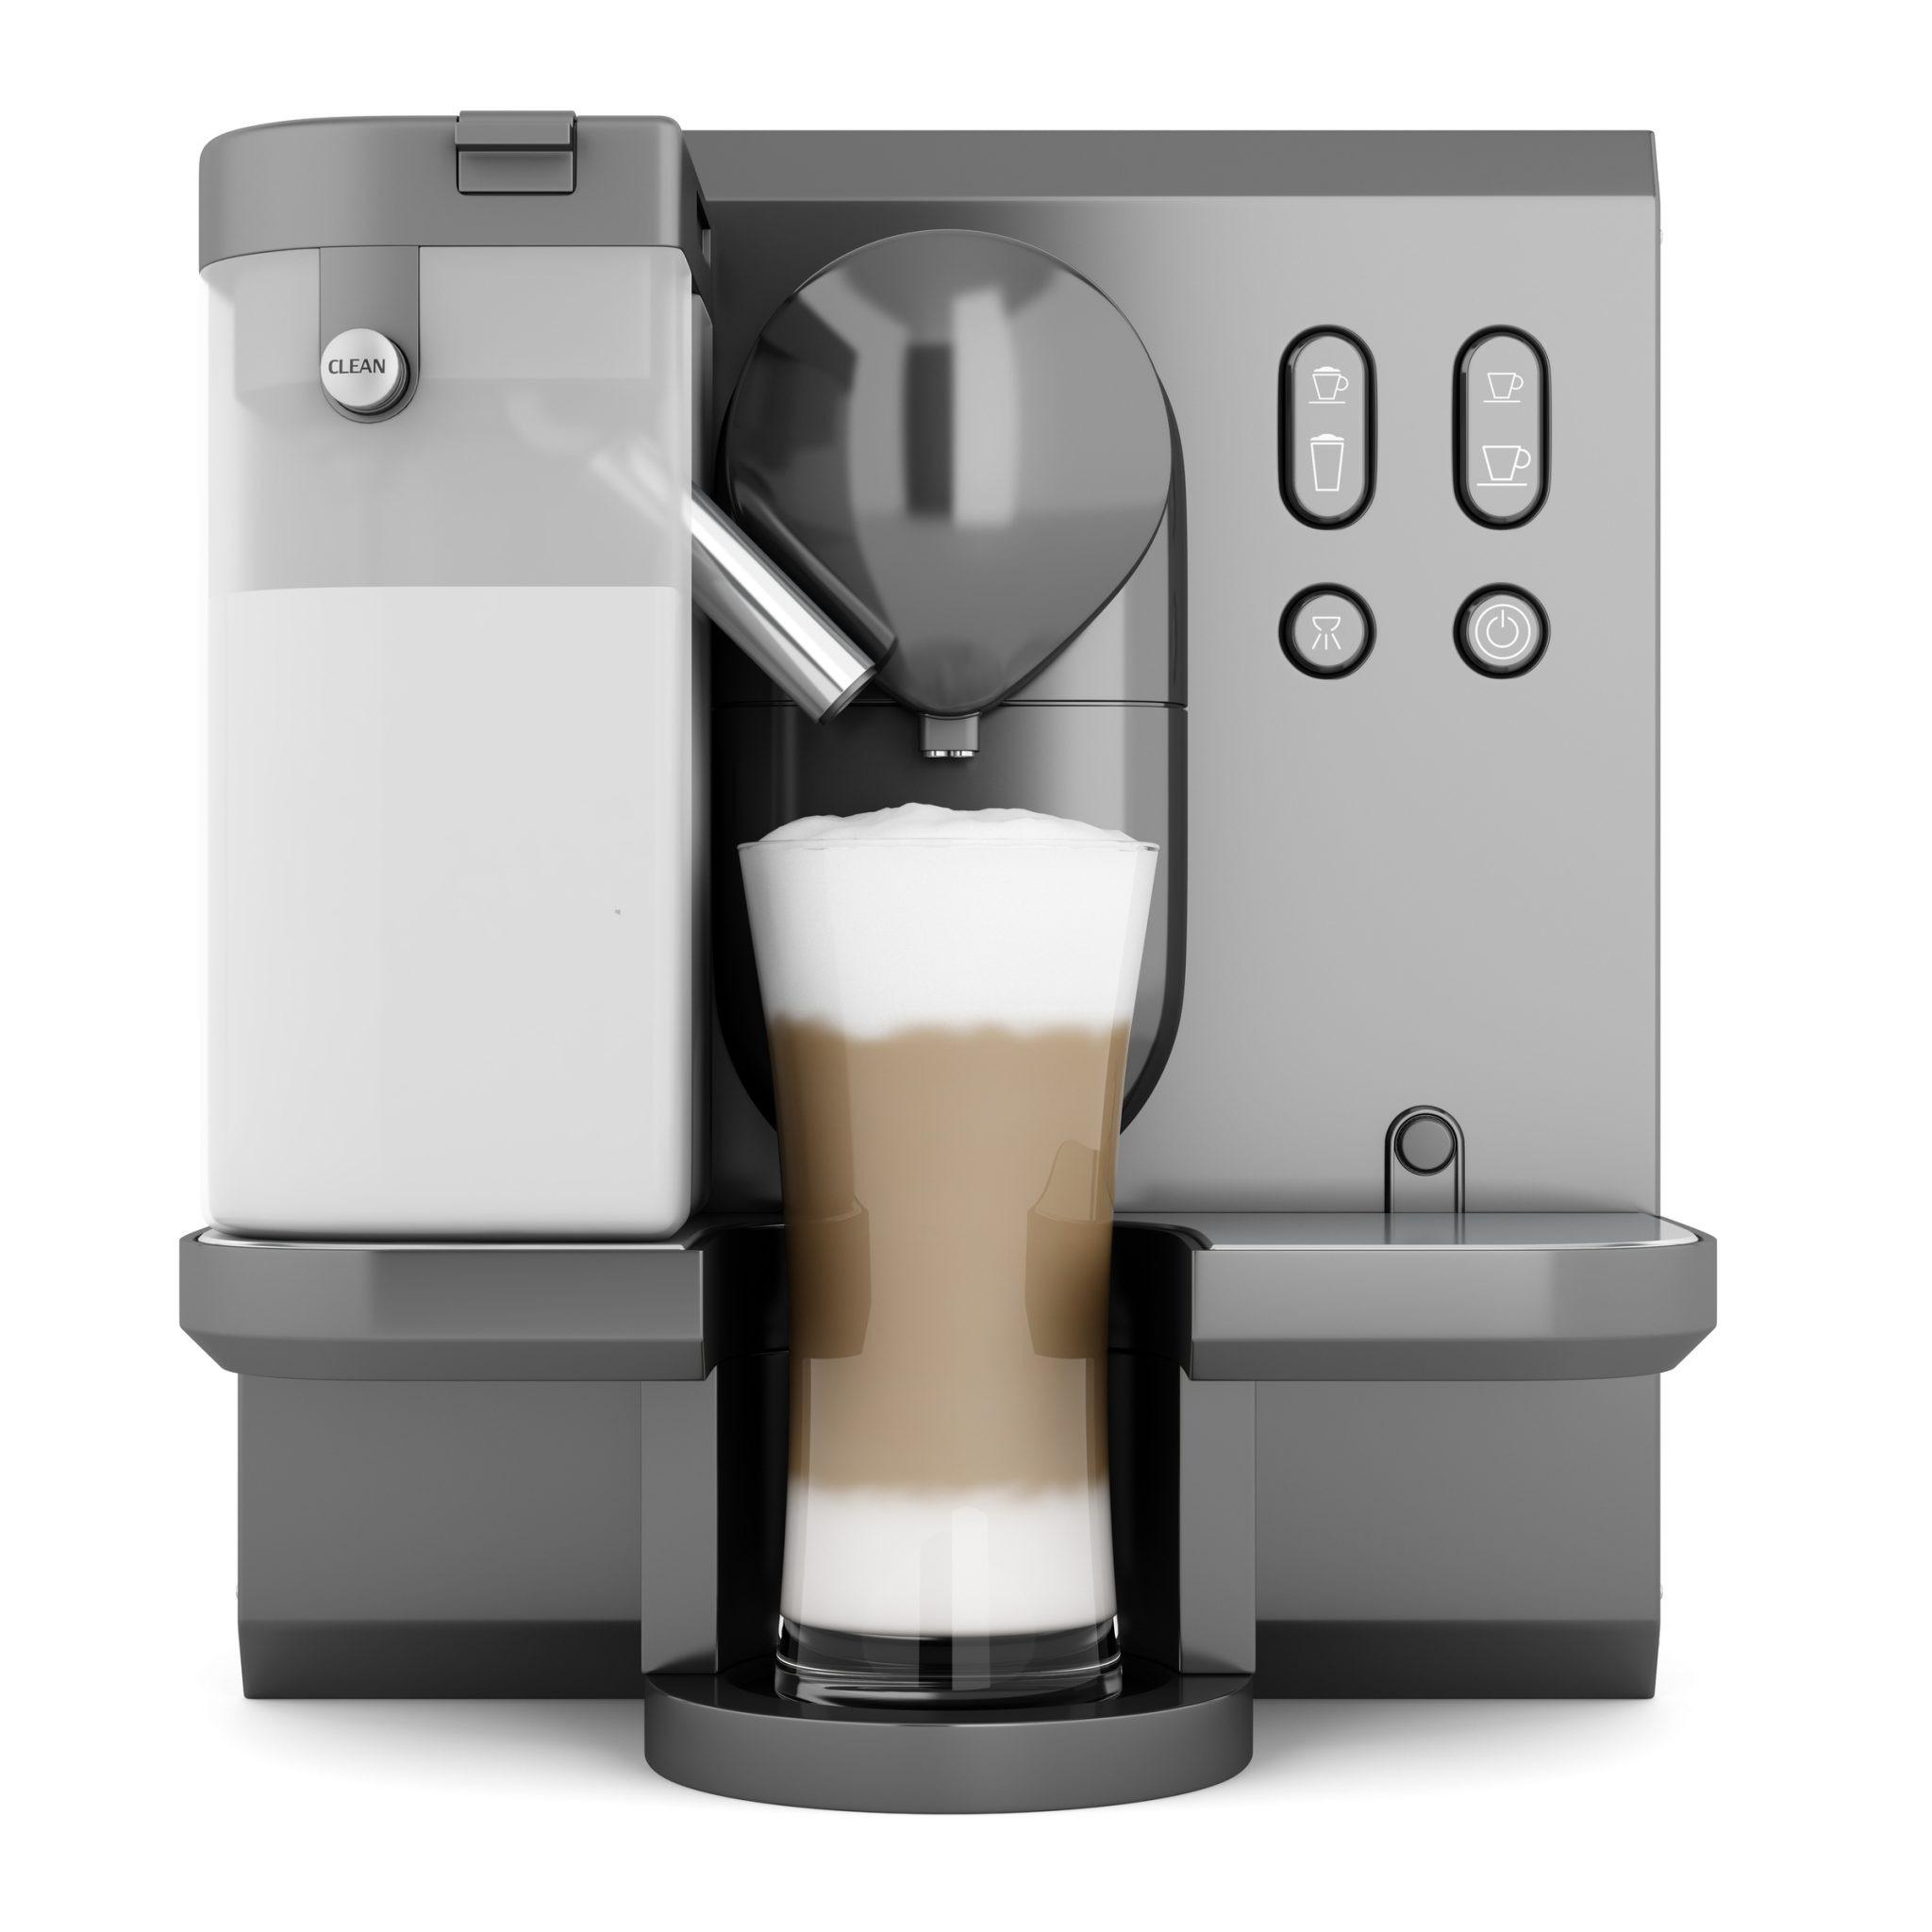 افضل ماكينة قهوة لعام 2019